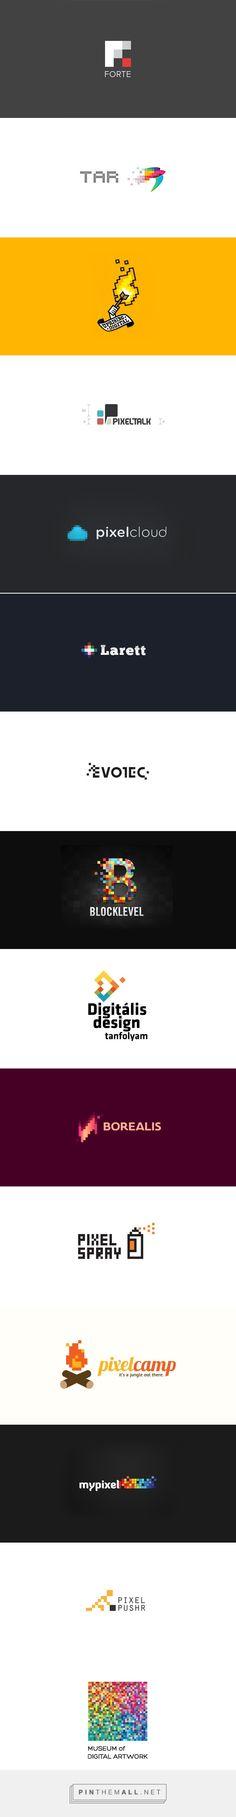 Showcase Art of Pixel Logo Design for Inspiration